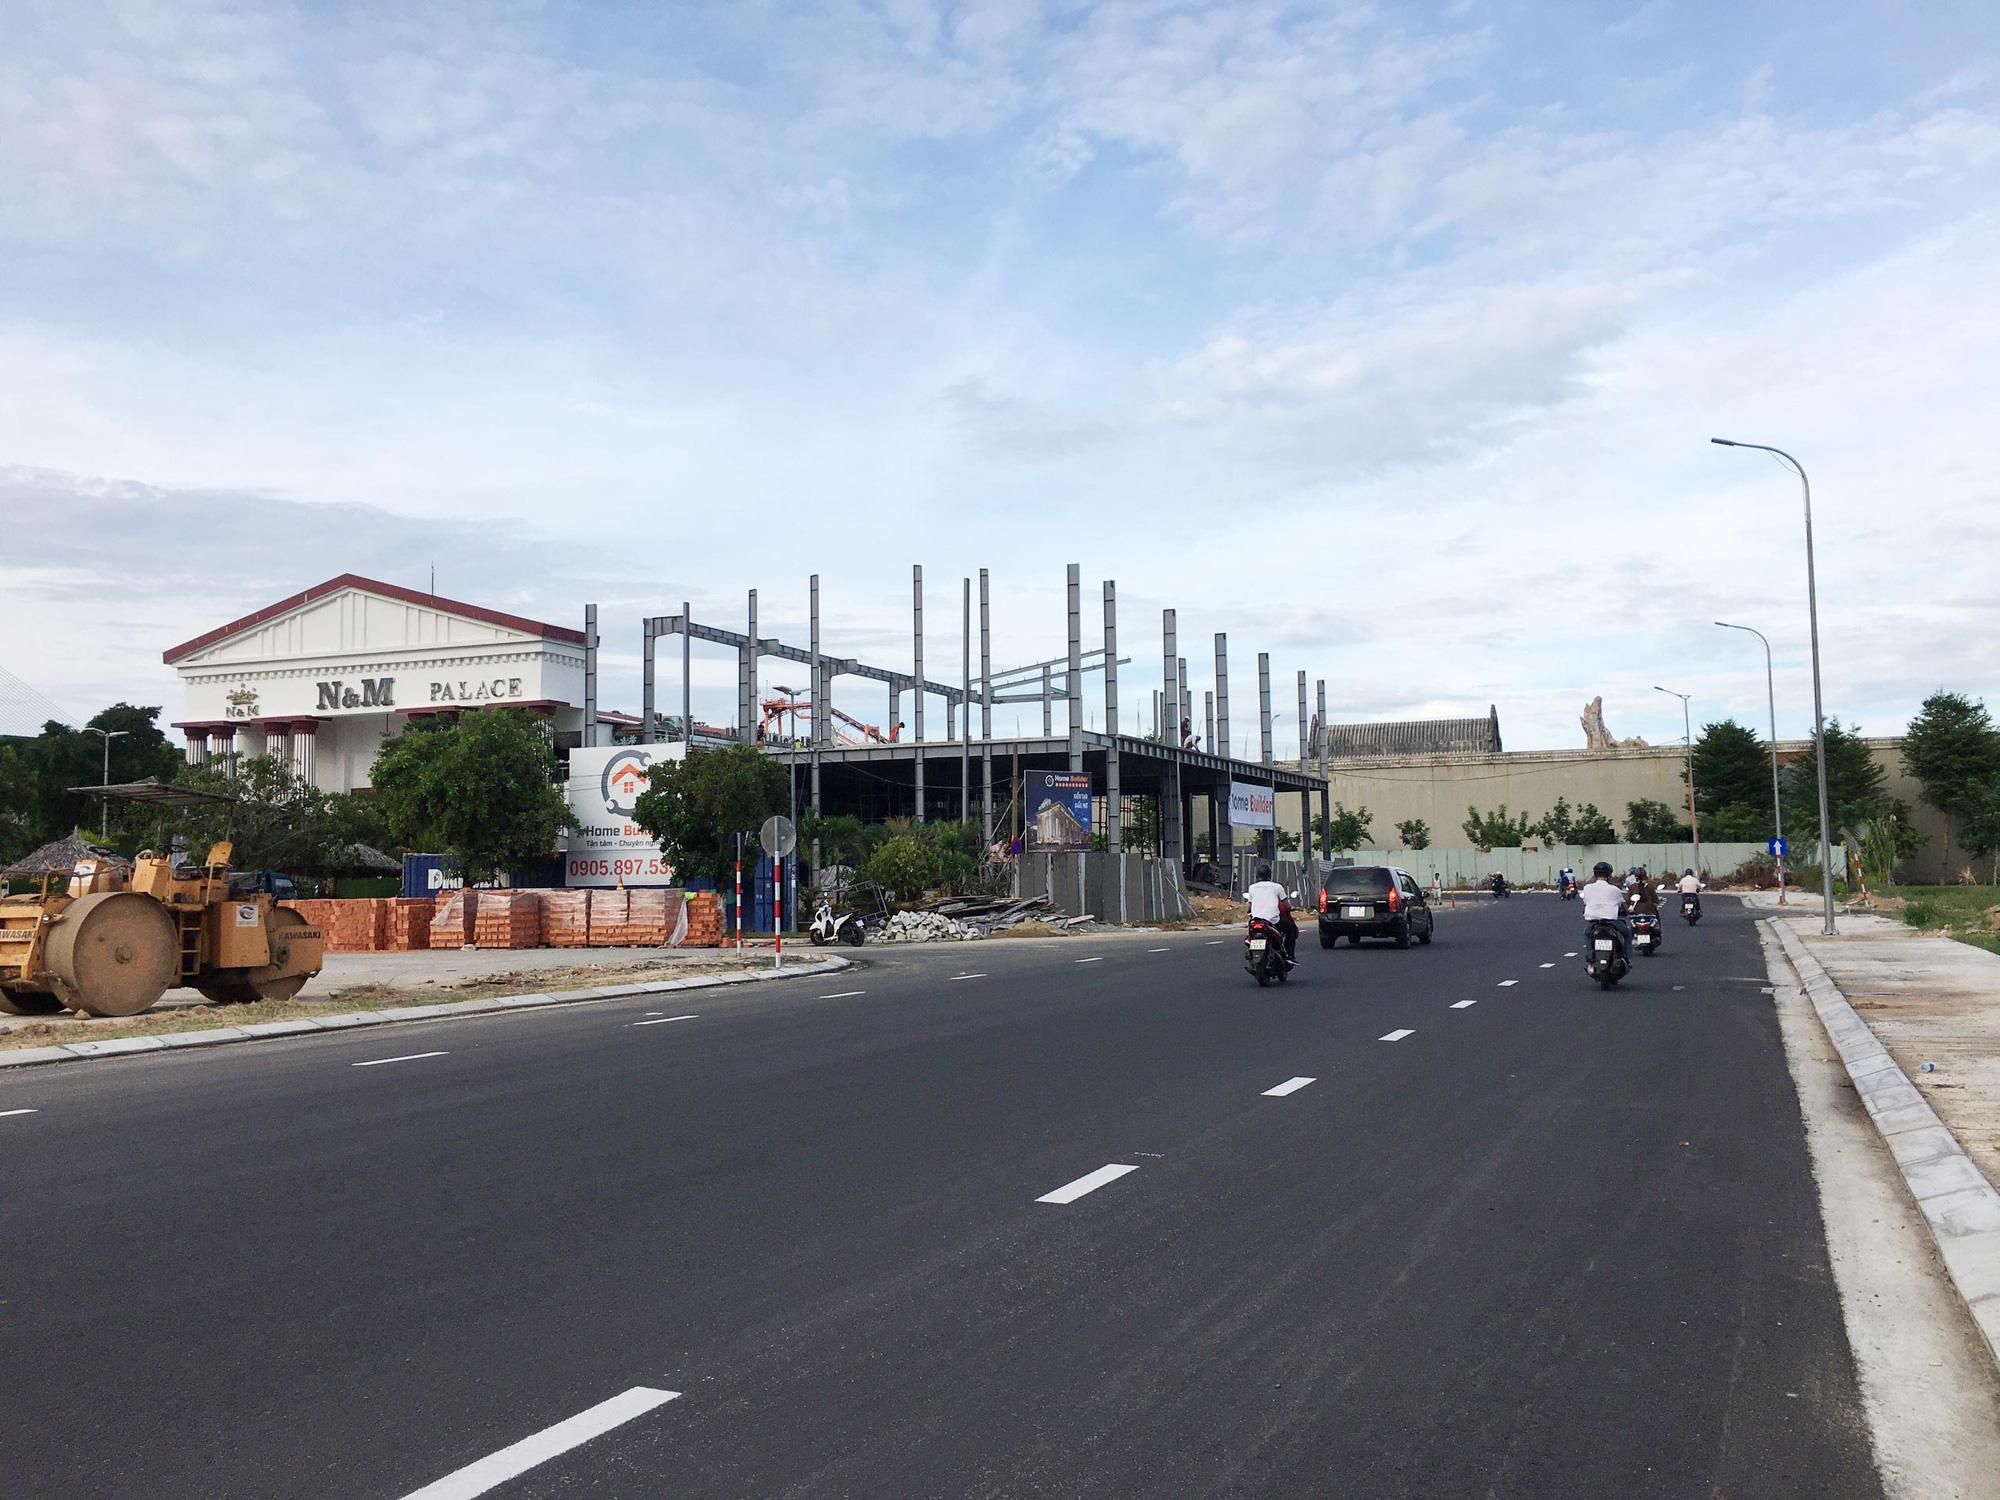 Cầu vượt đường 2 tháng 9 Đà Nẵng thành hình sau 15 tháng thi công - Ảnh 12.